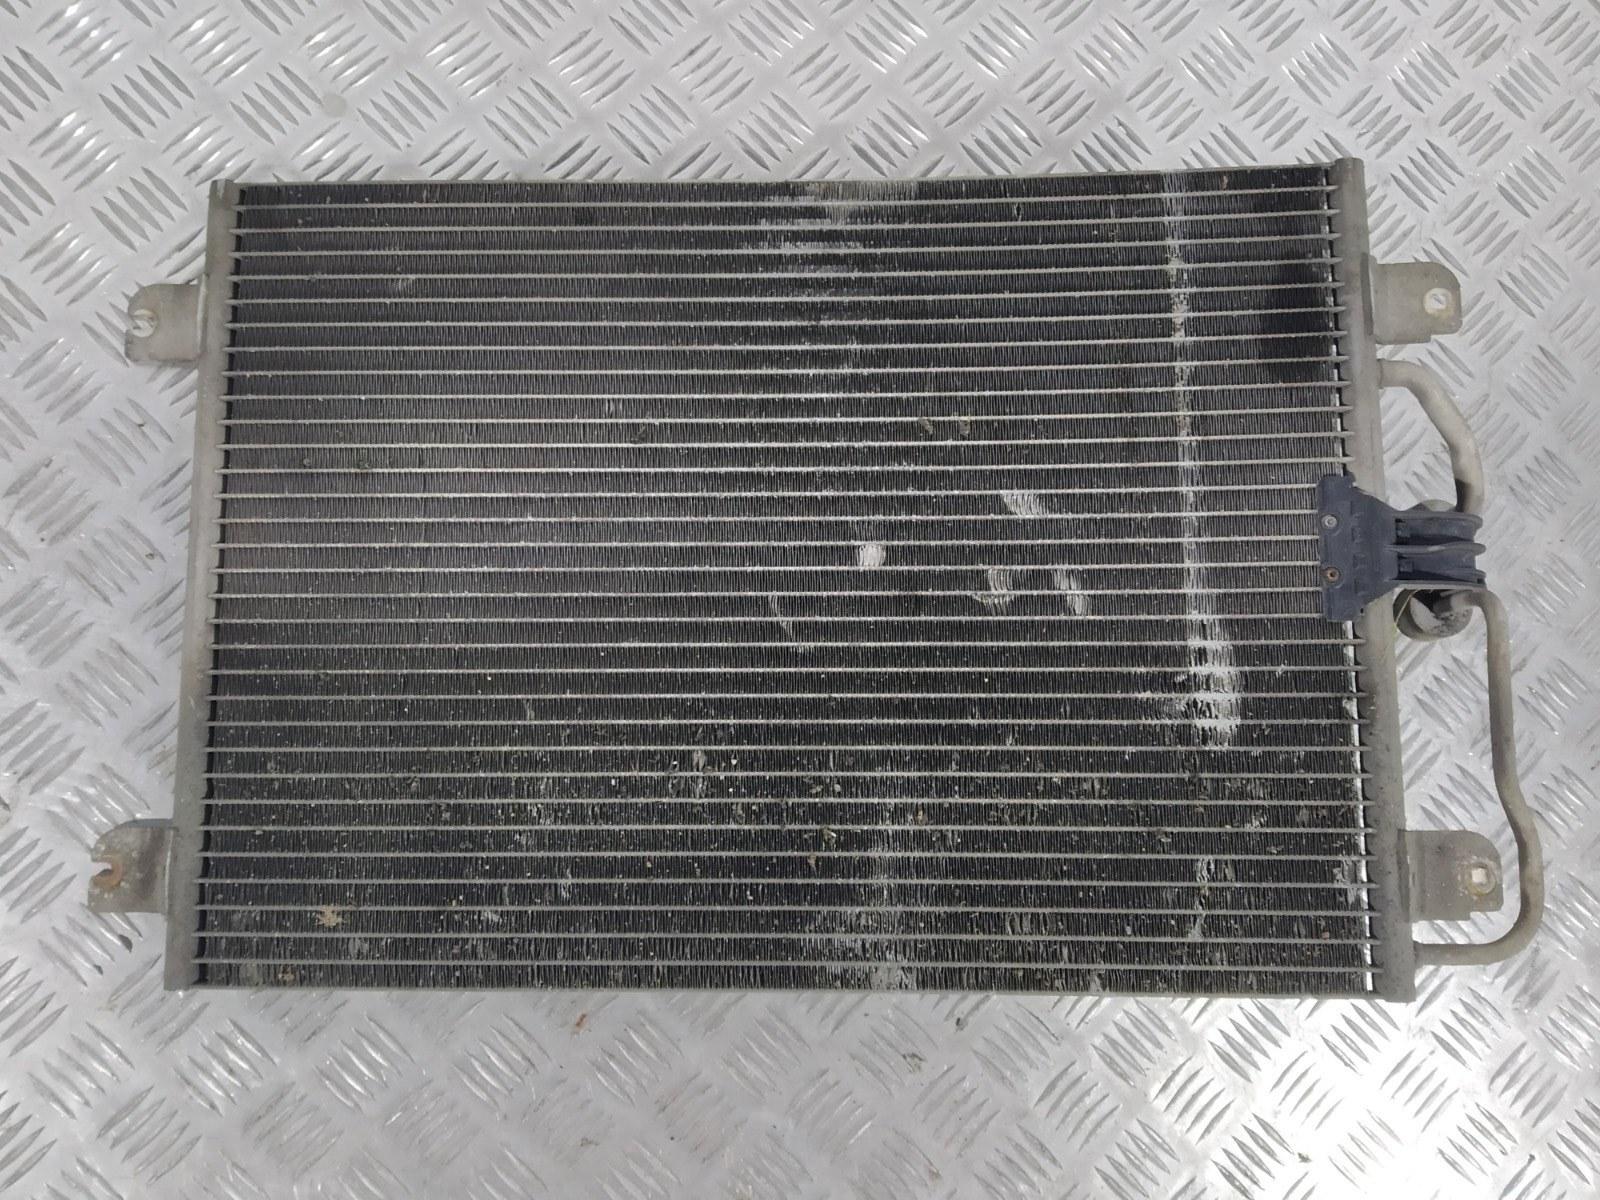 Радиатор кондиционера Renault Scenic 1.6 I 2001 (б/у)